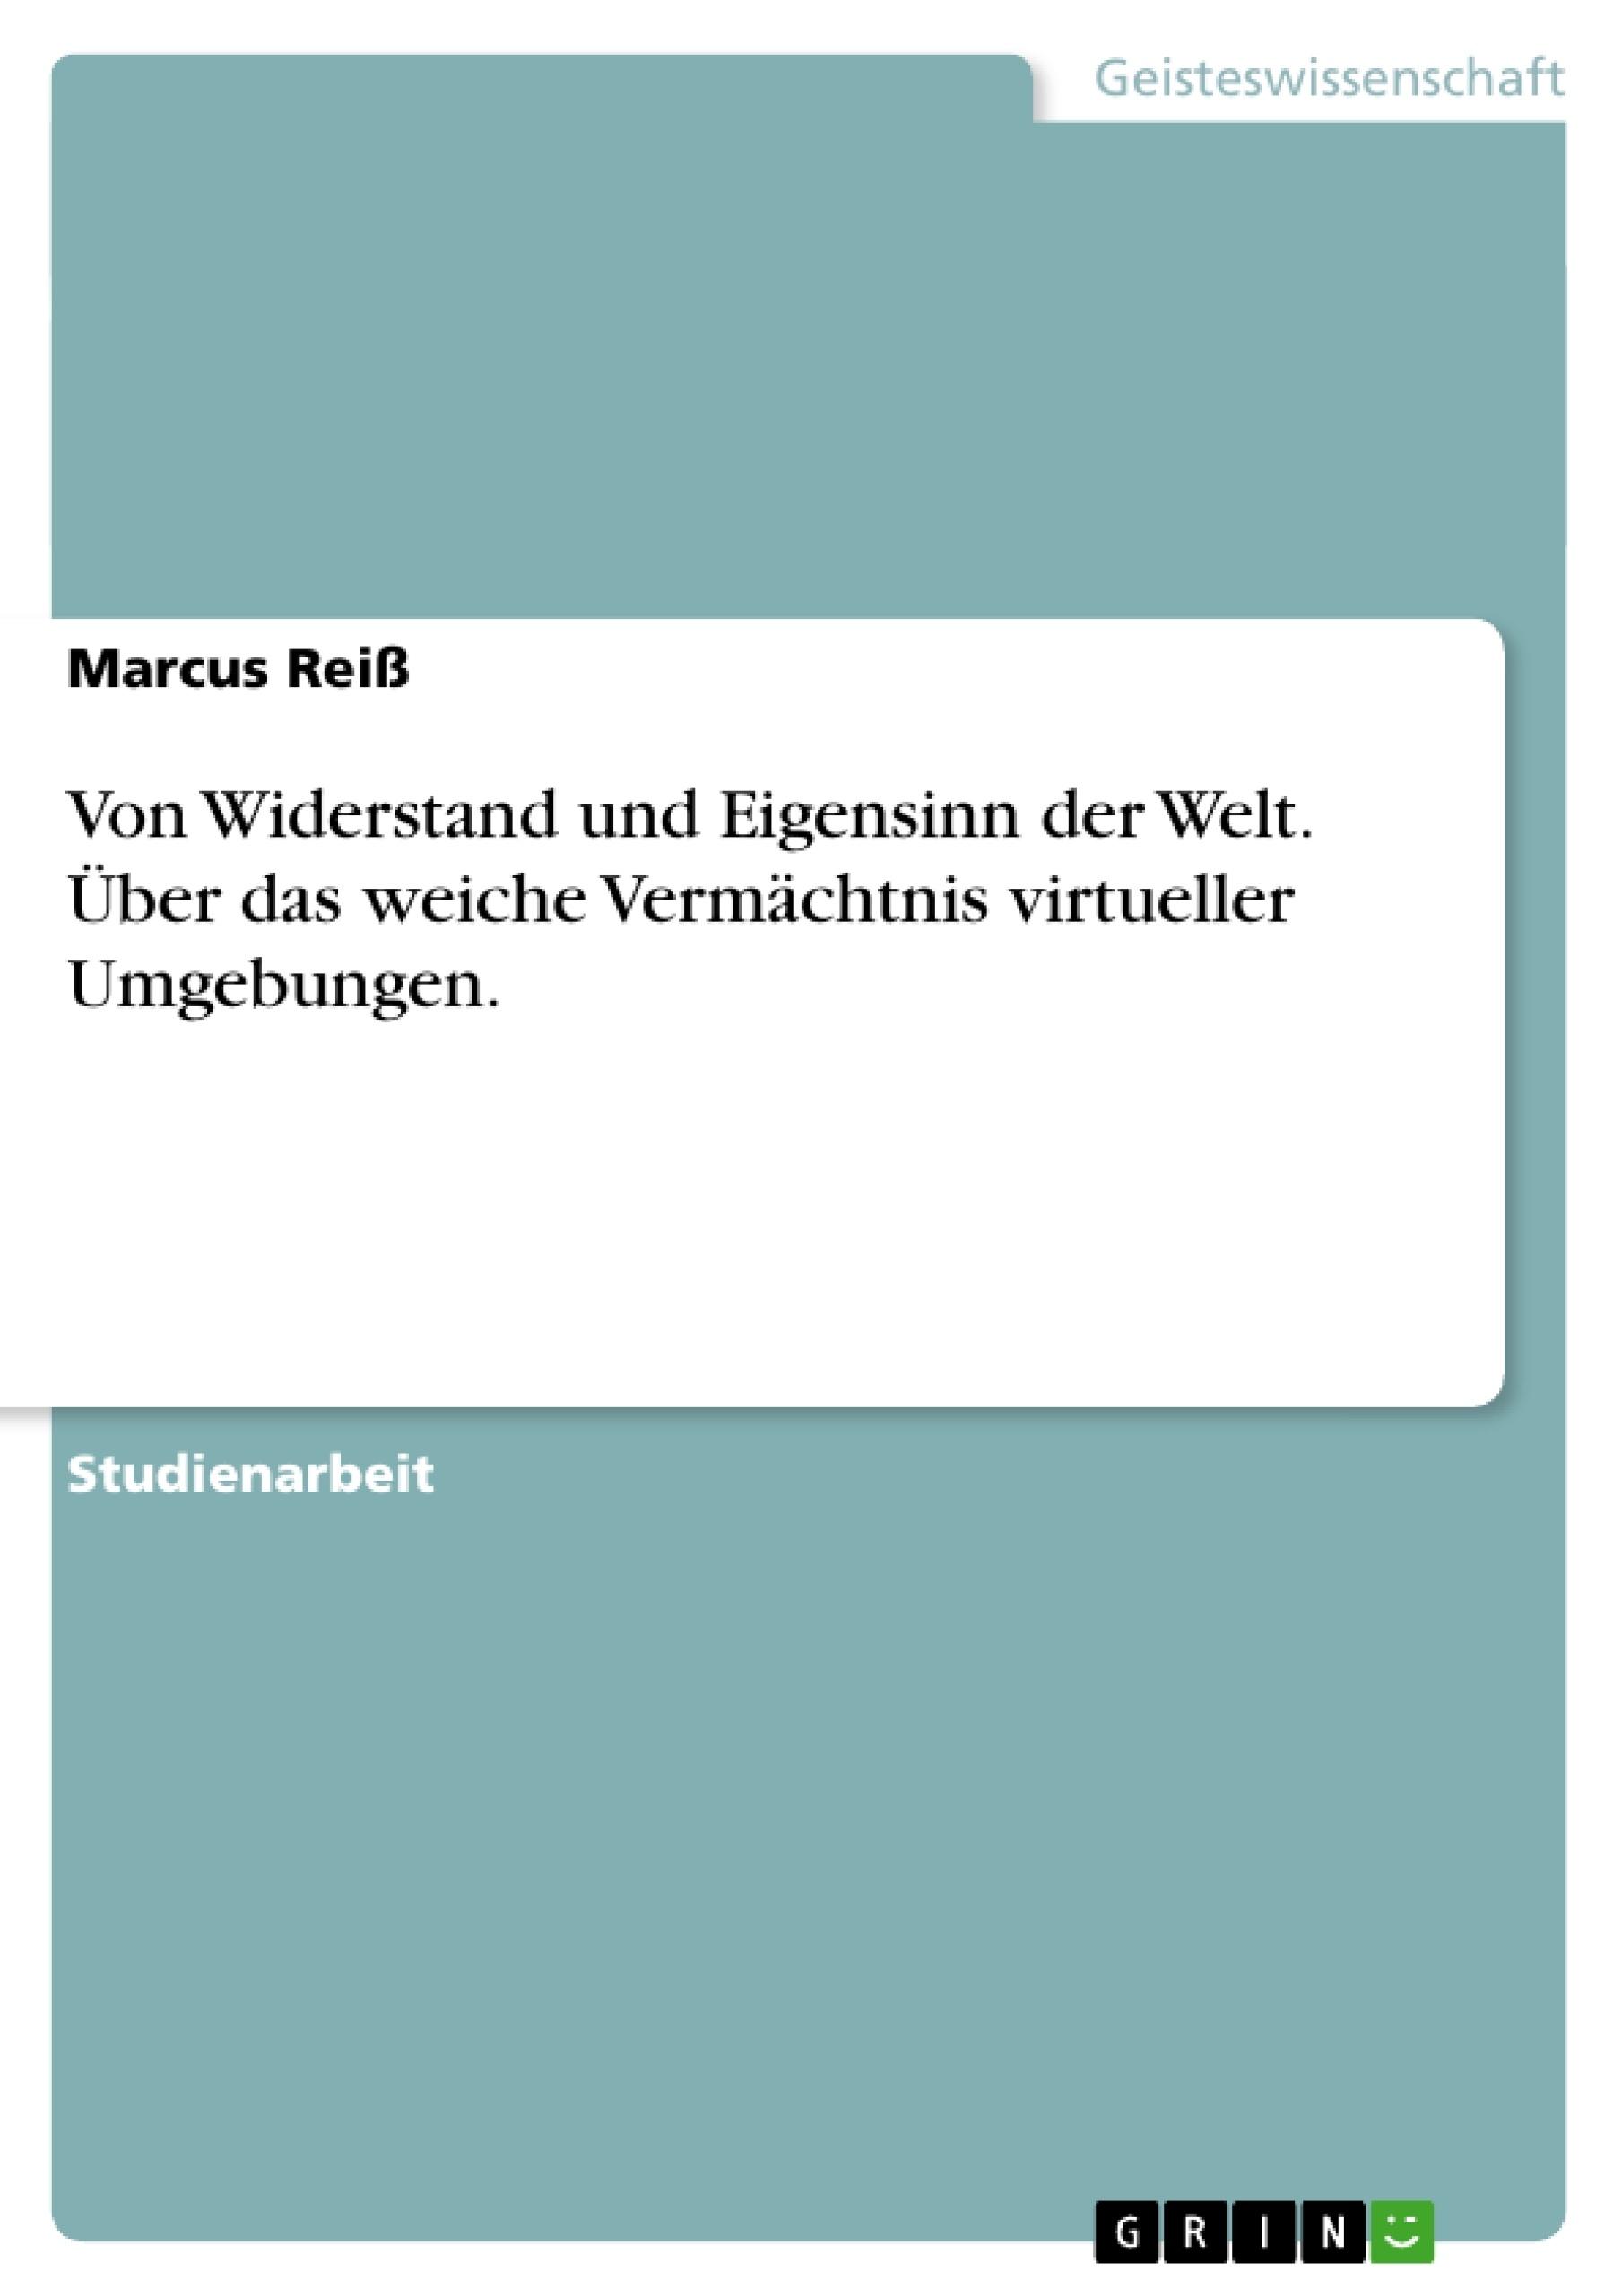 Titel: Von Widerstand und Eigensinn der Welt. Über das weiche Vermächtnis virtueller Umgebungen.